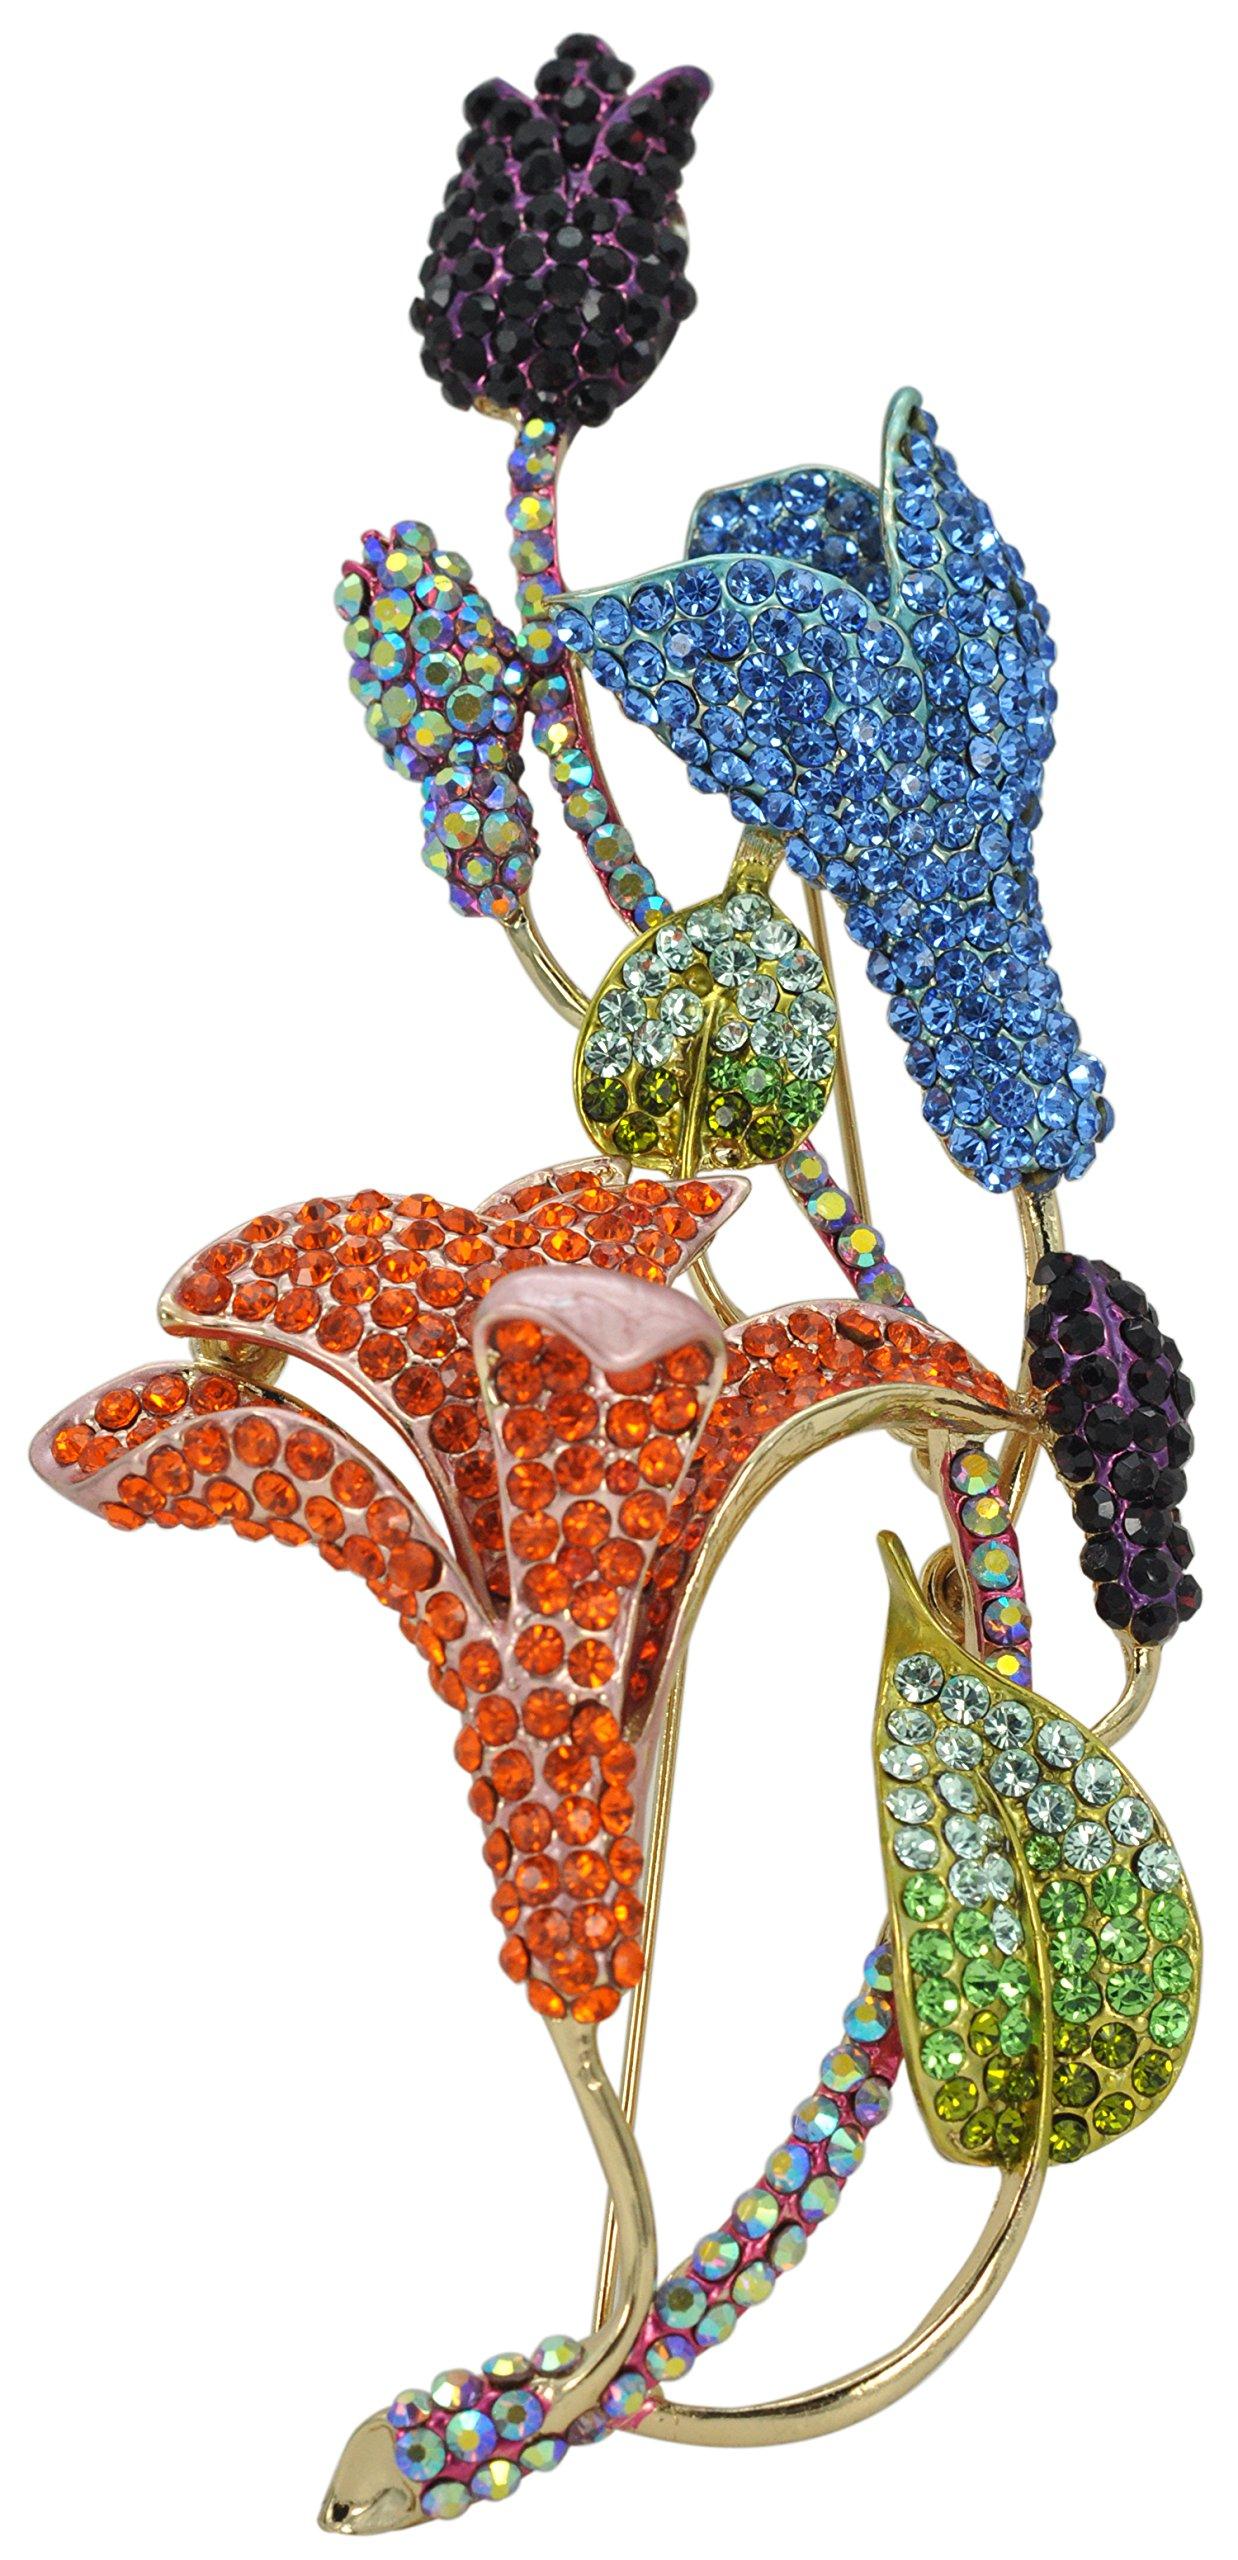 Gyn&Joy Classic Colorful Crystal Rhinestone Large Flower 5'' Calla Lilies Brooch Pin BZ081